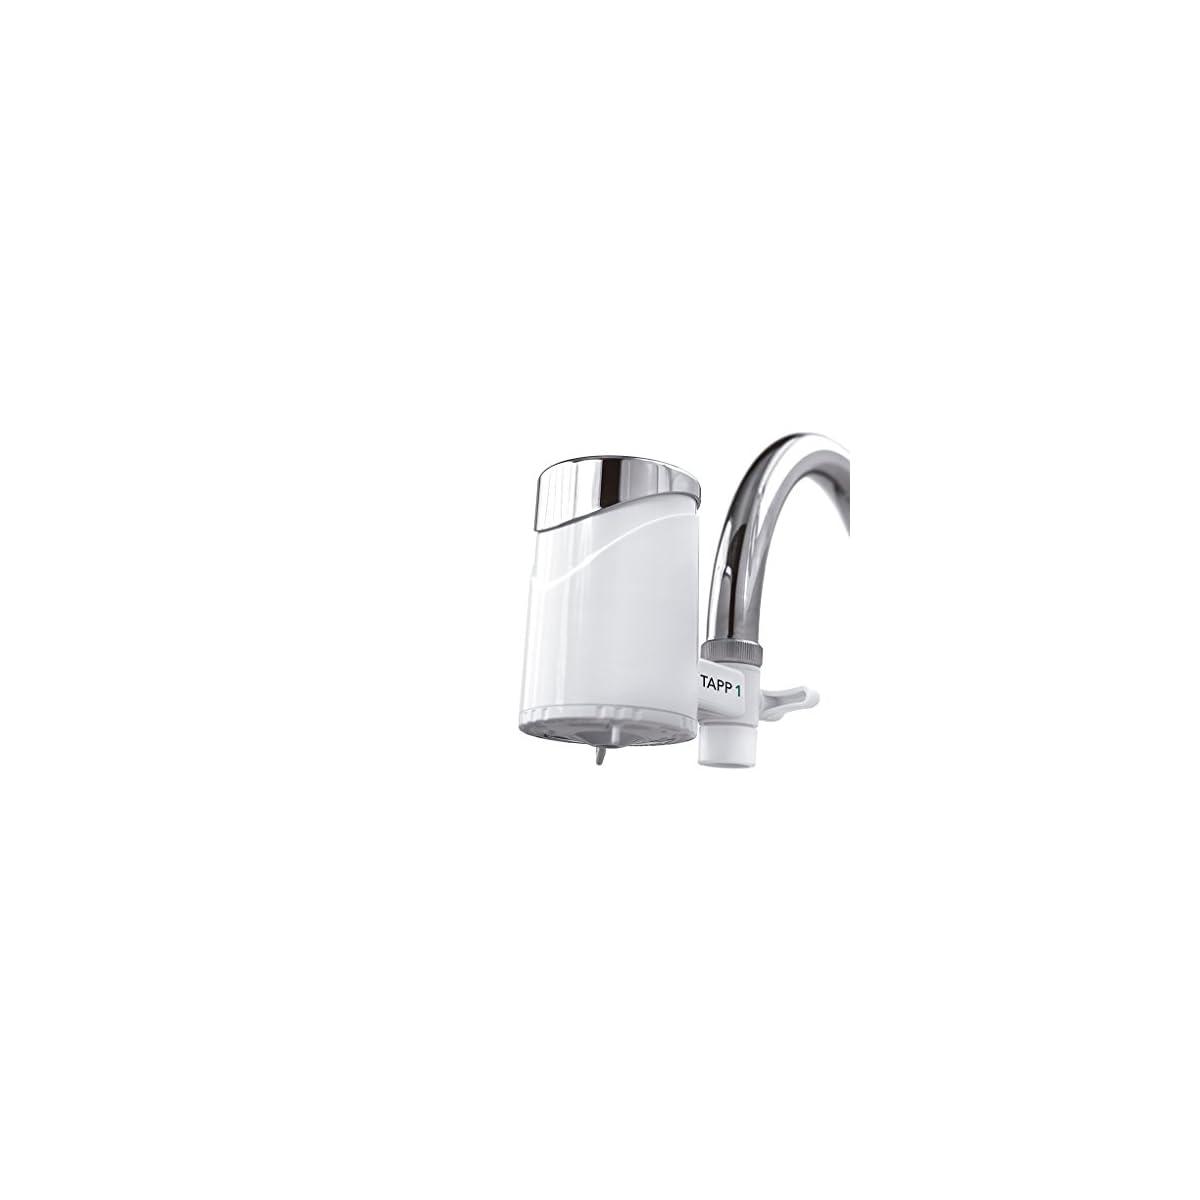 41ZVa ZGsCL. SS1200  - TAPP Water TAPP 1 - Filtro de Agua para Grifo (Elimina Cloro, Microplásticos, Metales Pesados y más)